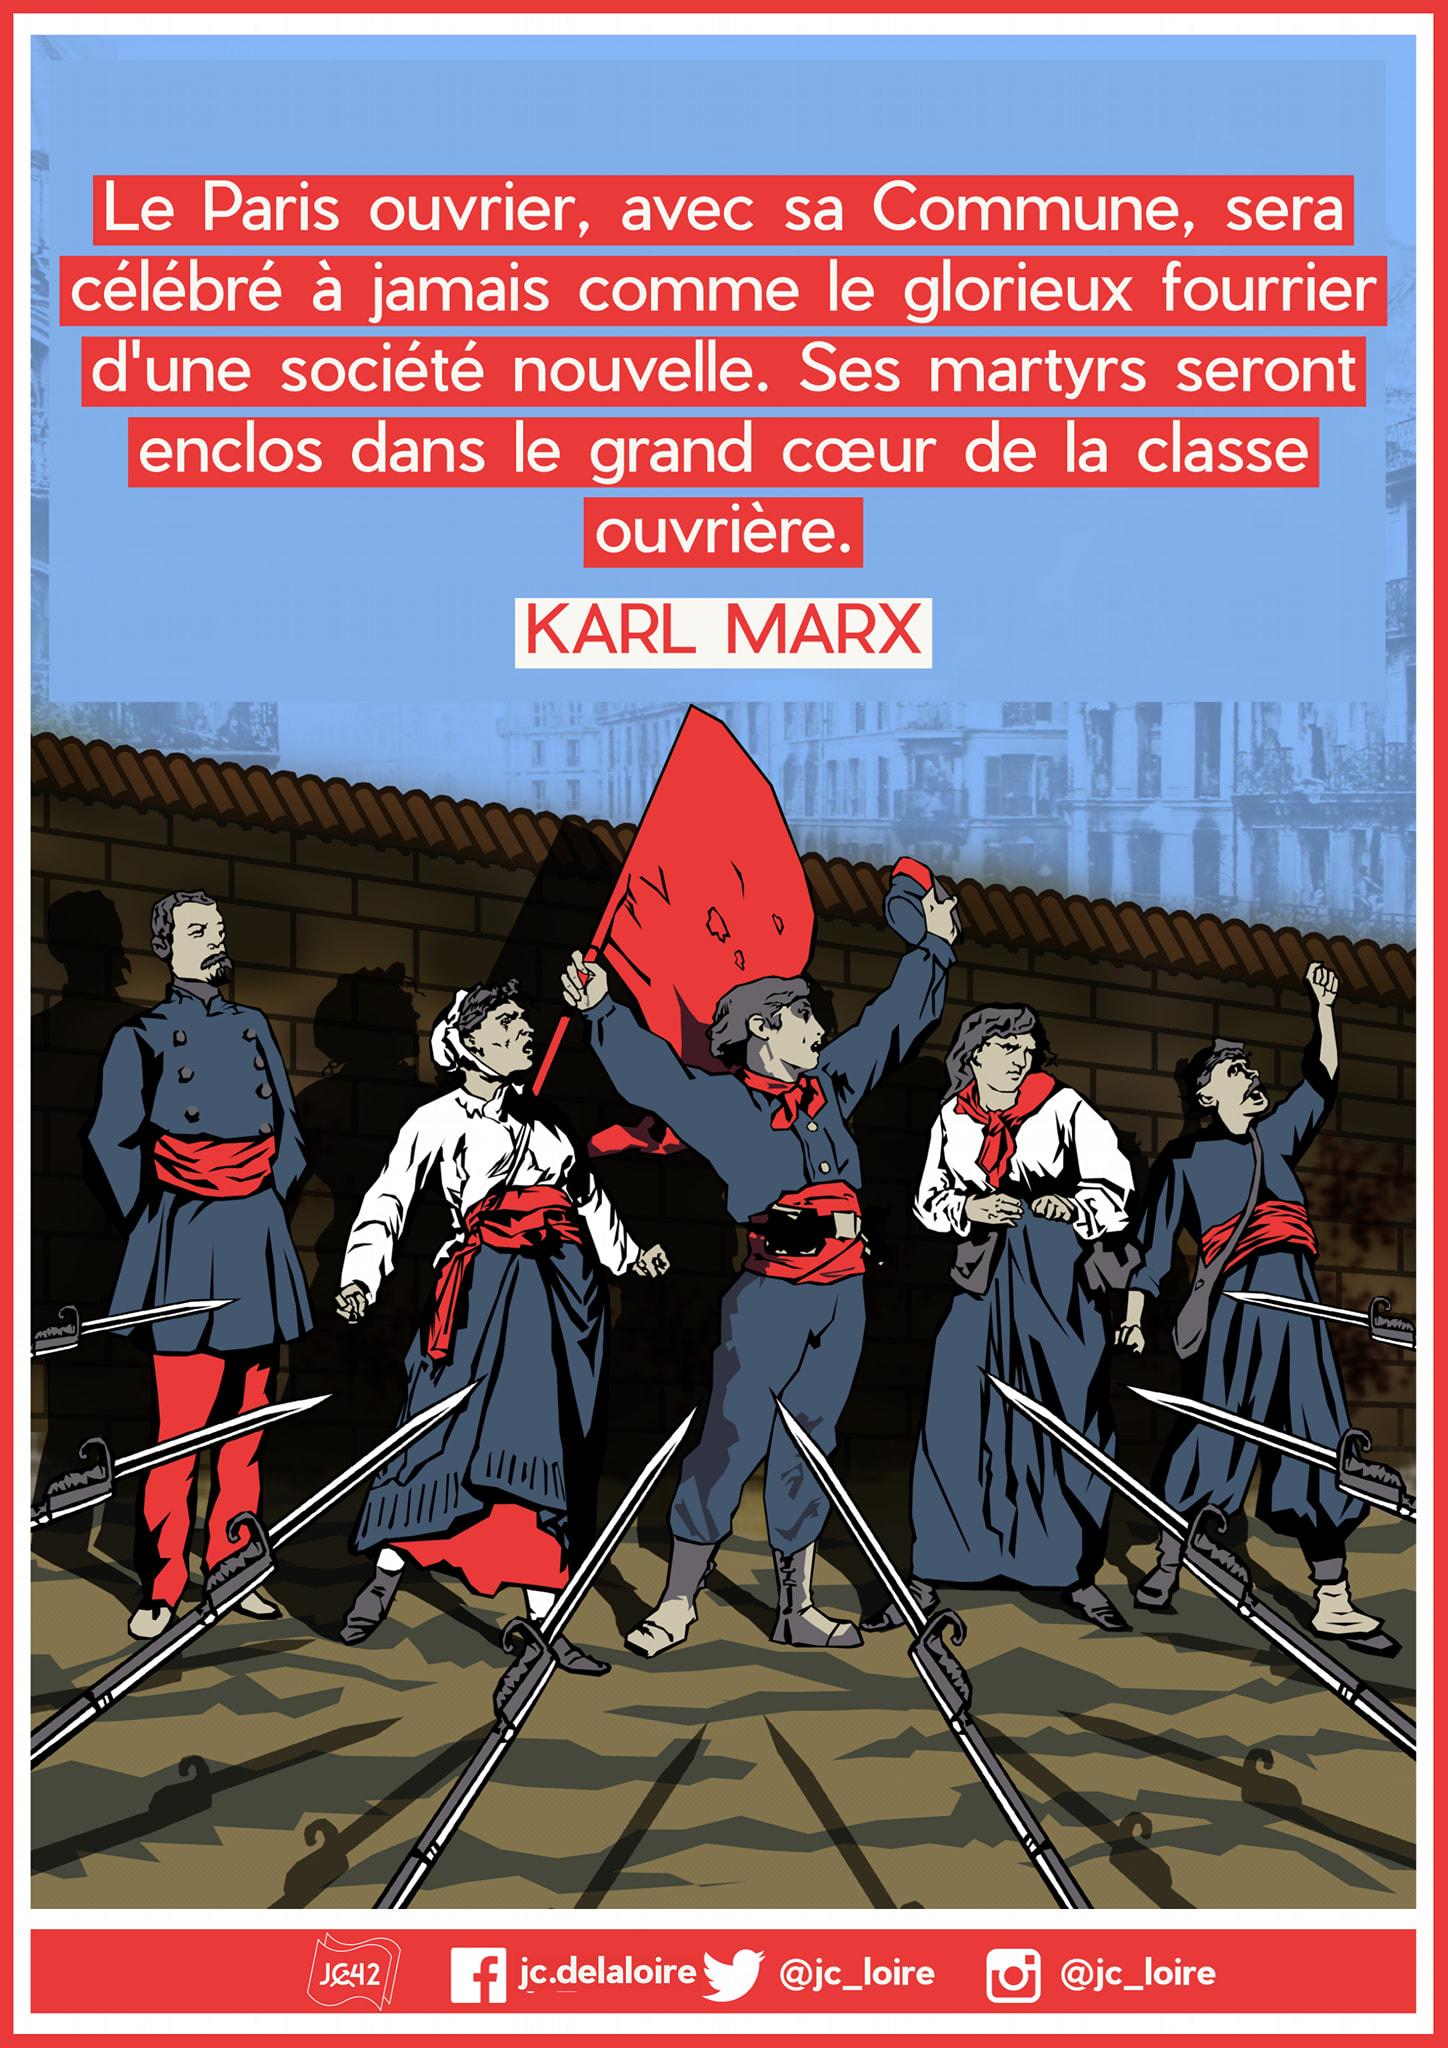 150ÈME ANNIVERSAIRE DE LA COMMUNE DE PARIS – VIVE LA COMMUNE ! VIVE LA RÉVOLUTION SOCIALE !